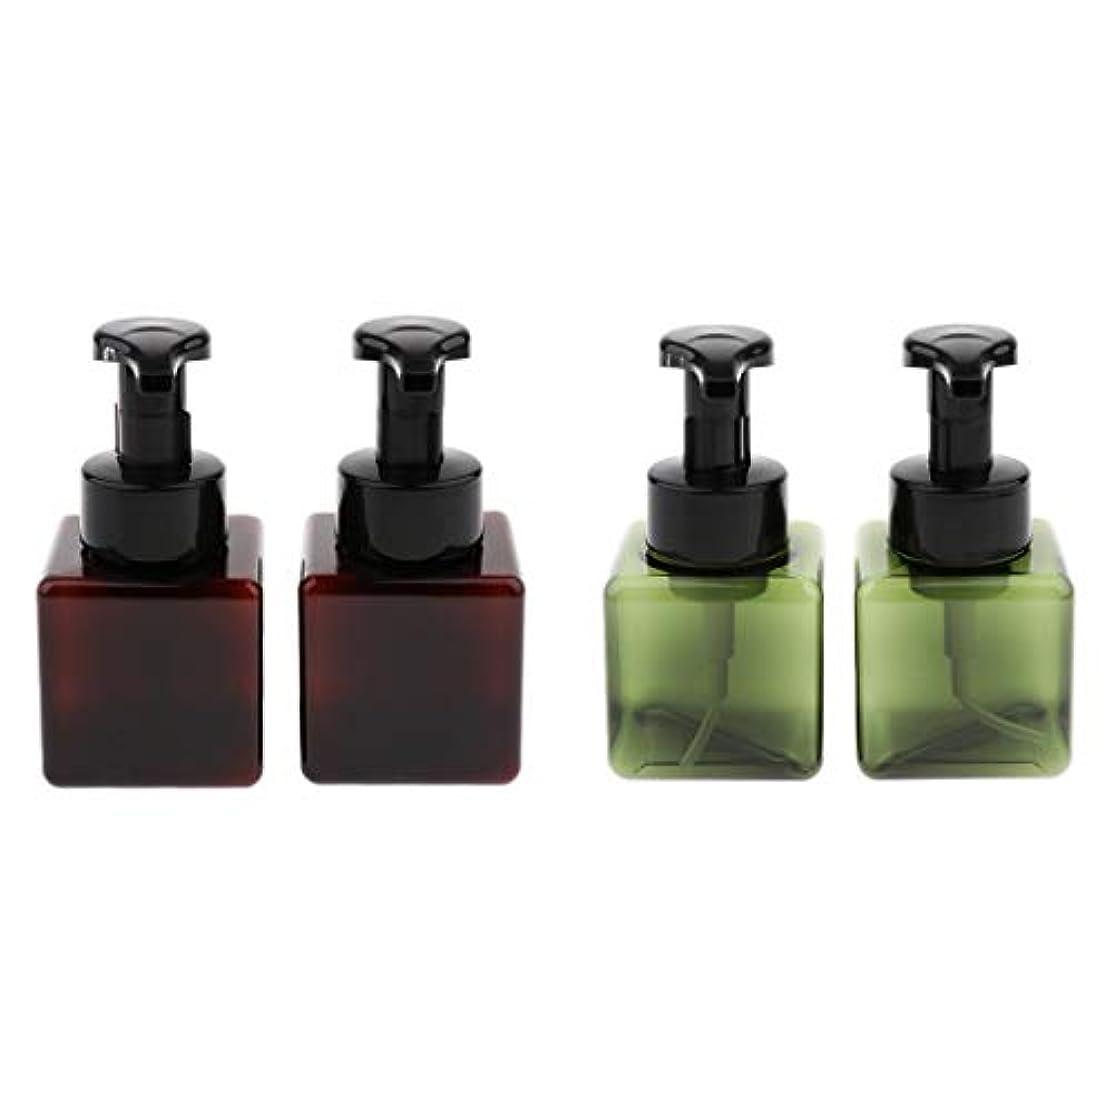 常にシングル引数B Blesiya 全5色 4個 250ml 泡ポンプボトル 空ボトル 詰替ボトル 小分けボトル ディスペンサー 多用途 - ダークグリーン+ブラウン